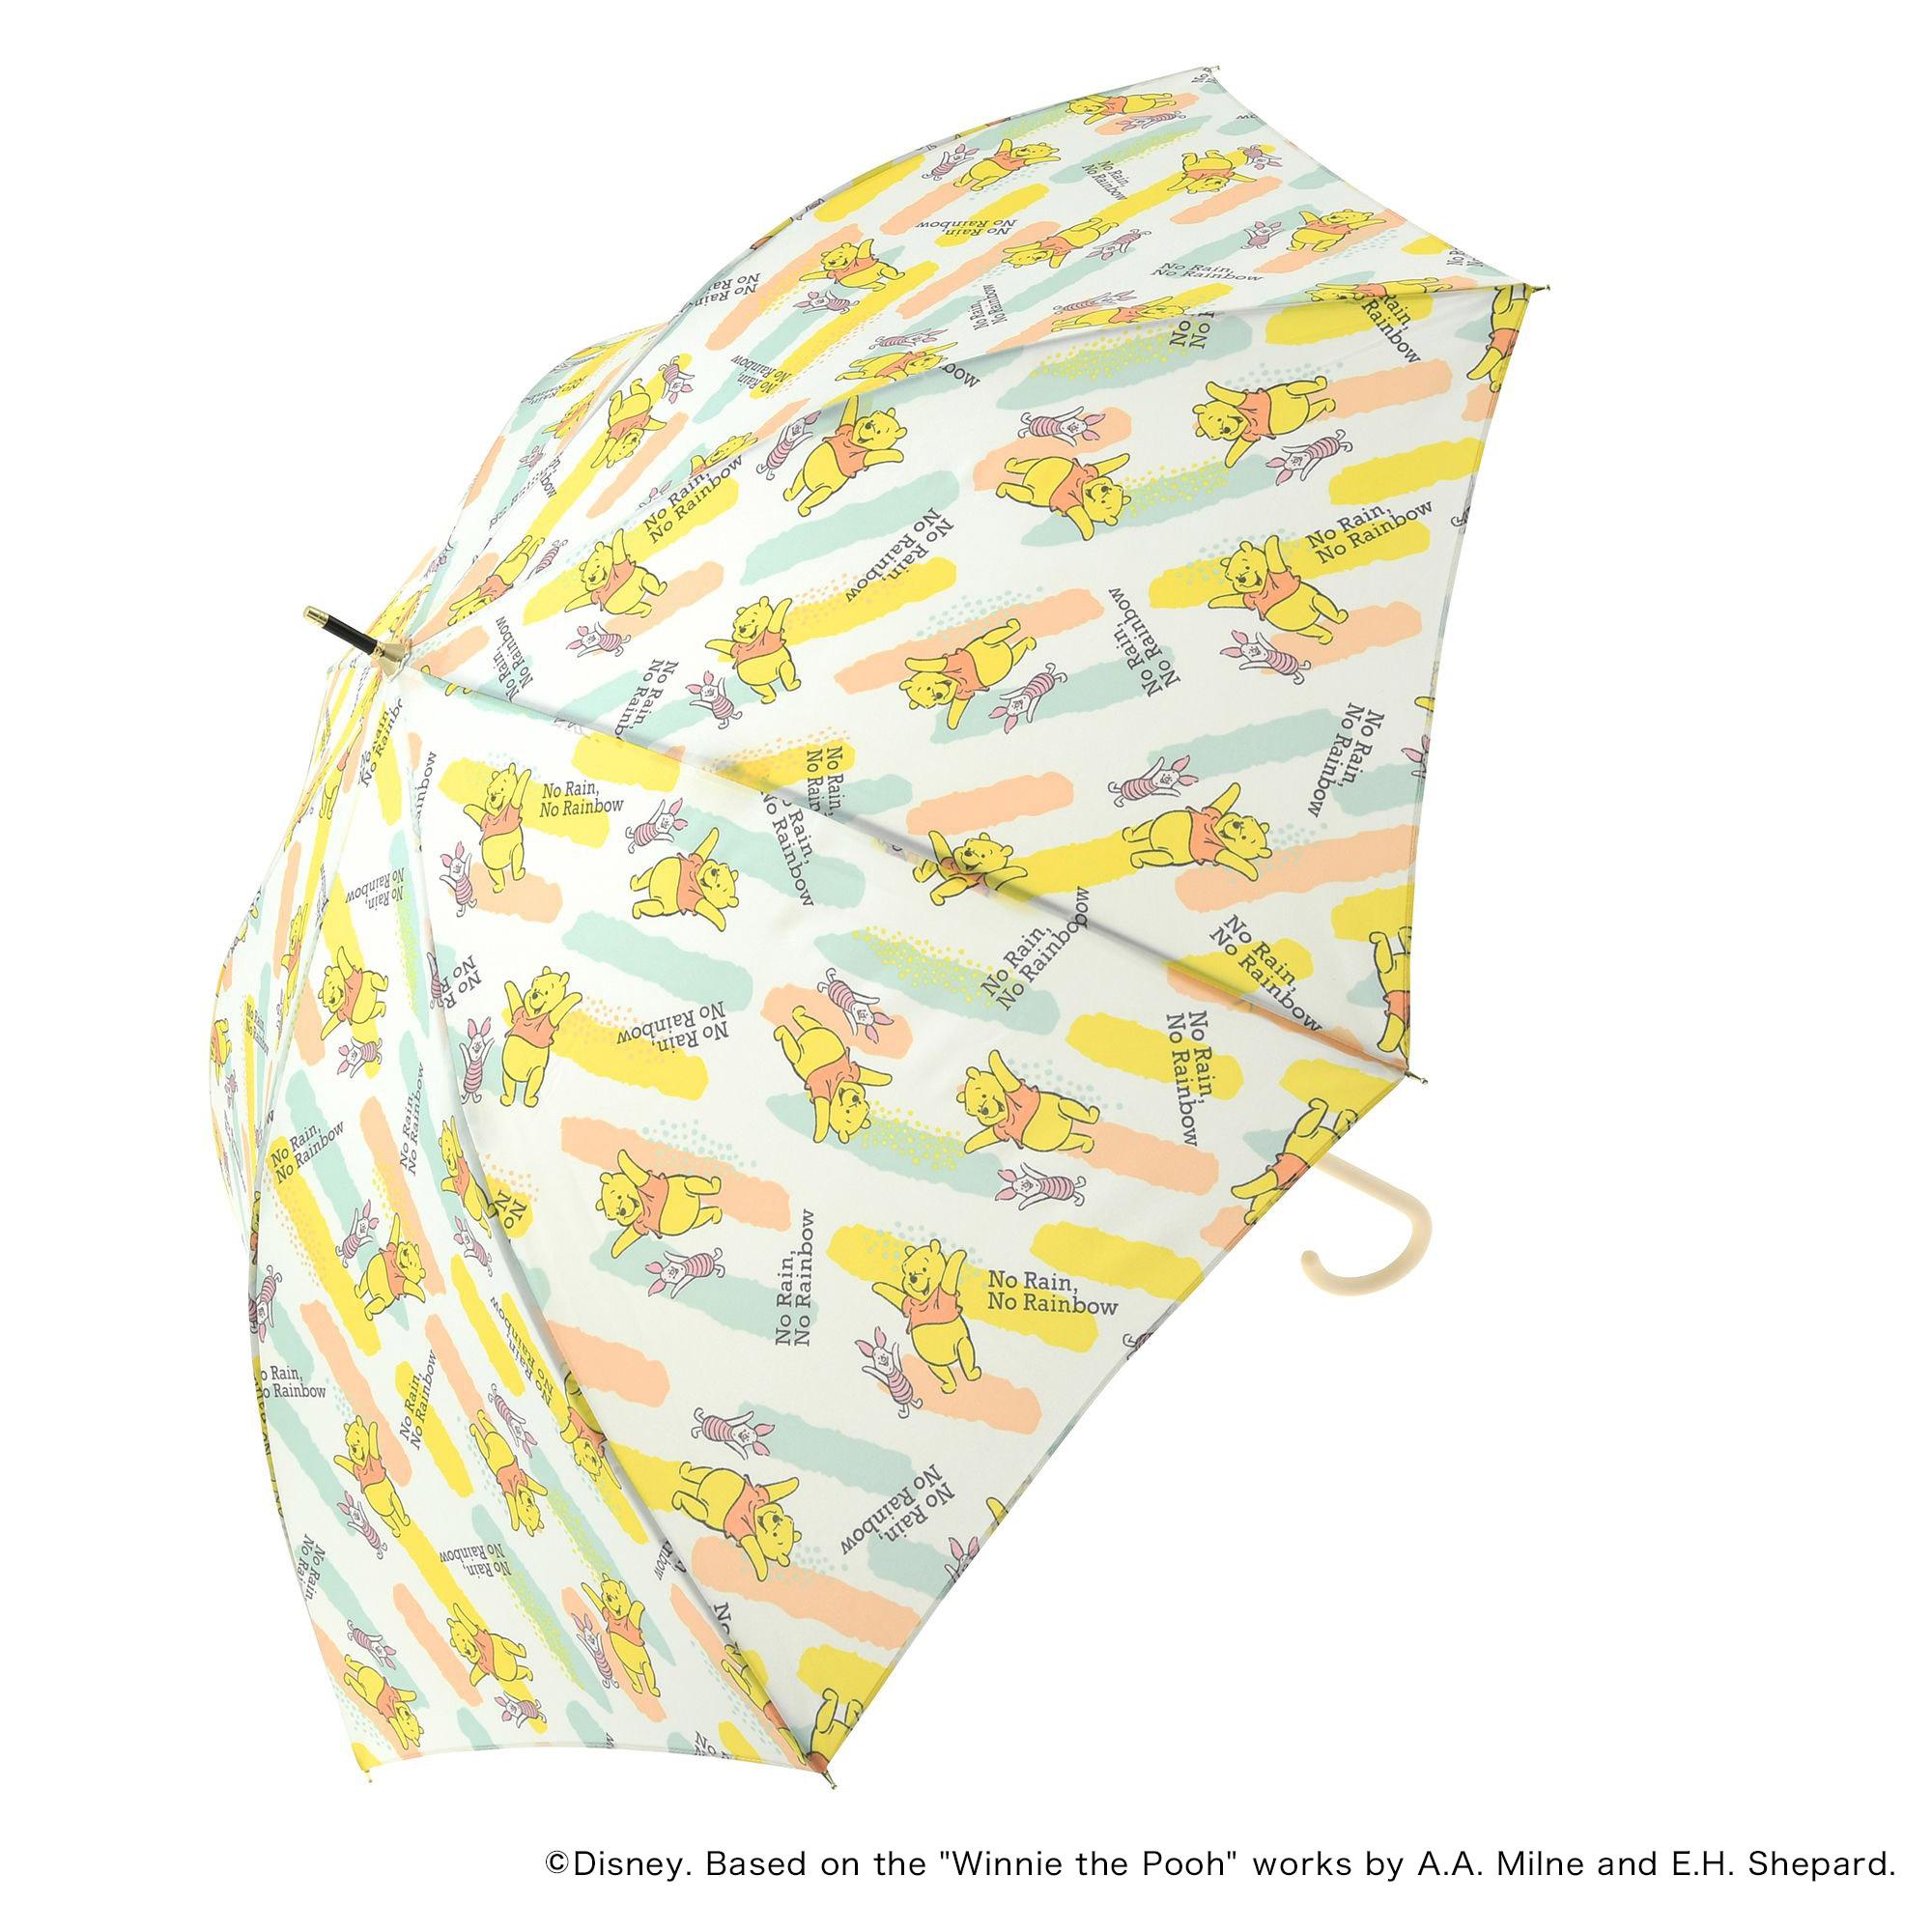 Wpc.とディズニーストアの共同企画 雨の日も楽しく!カラフルでポップなデザインを用いた レイングッズが6月1日(火)より発売